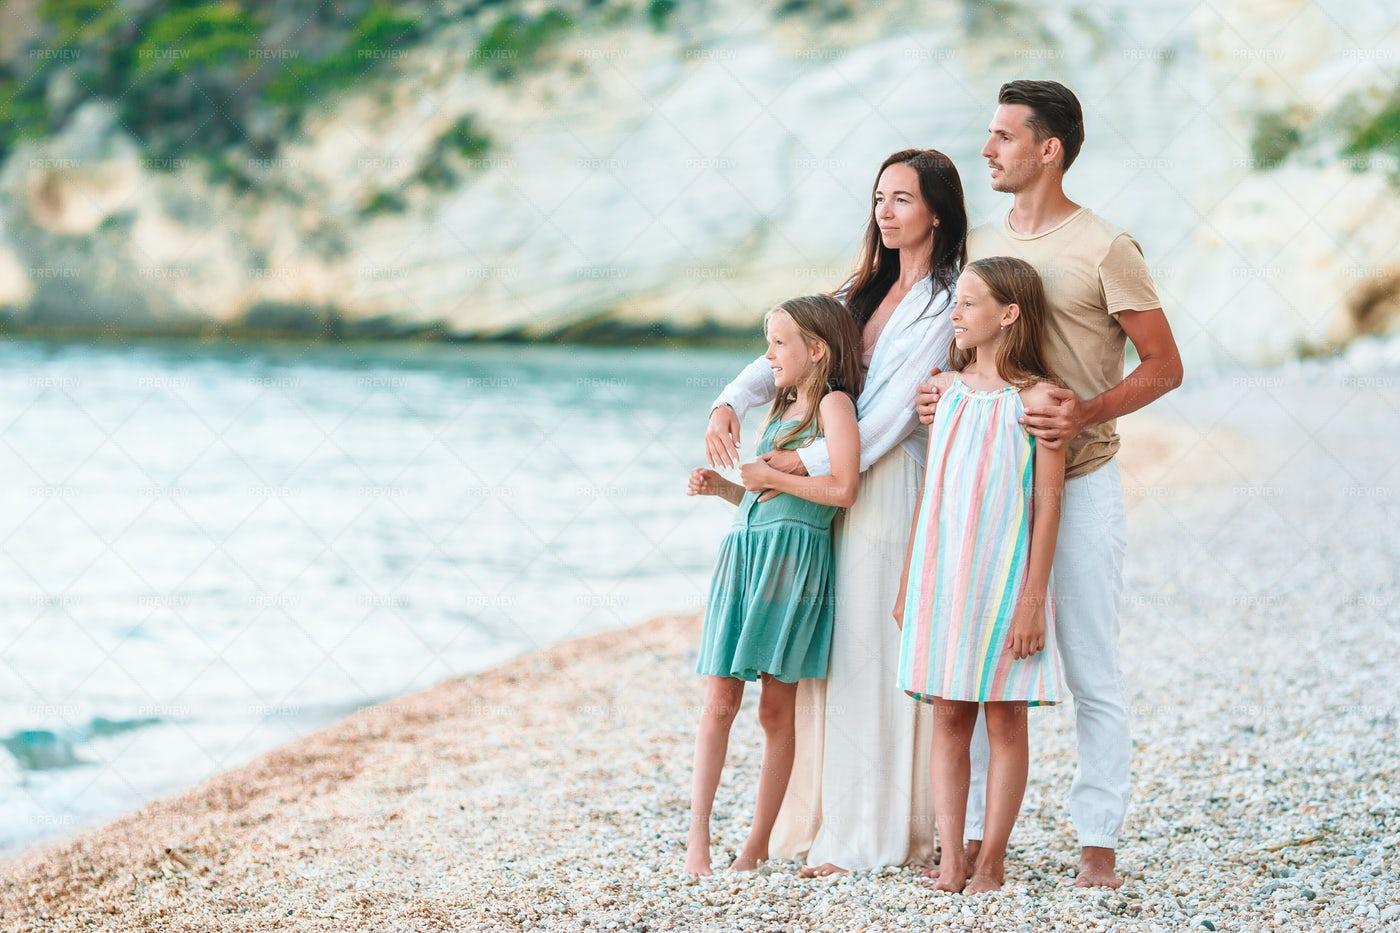 Family Admiring The Ocean: Stock Photos